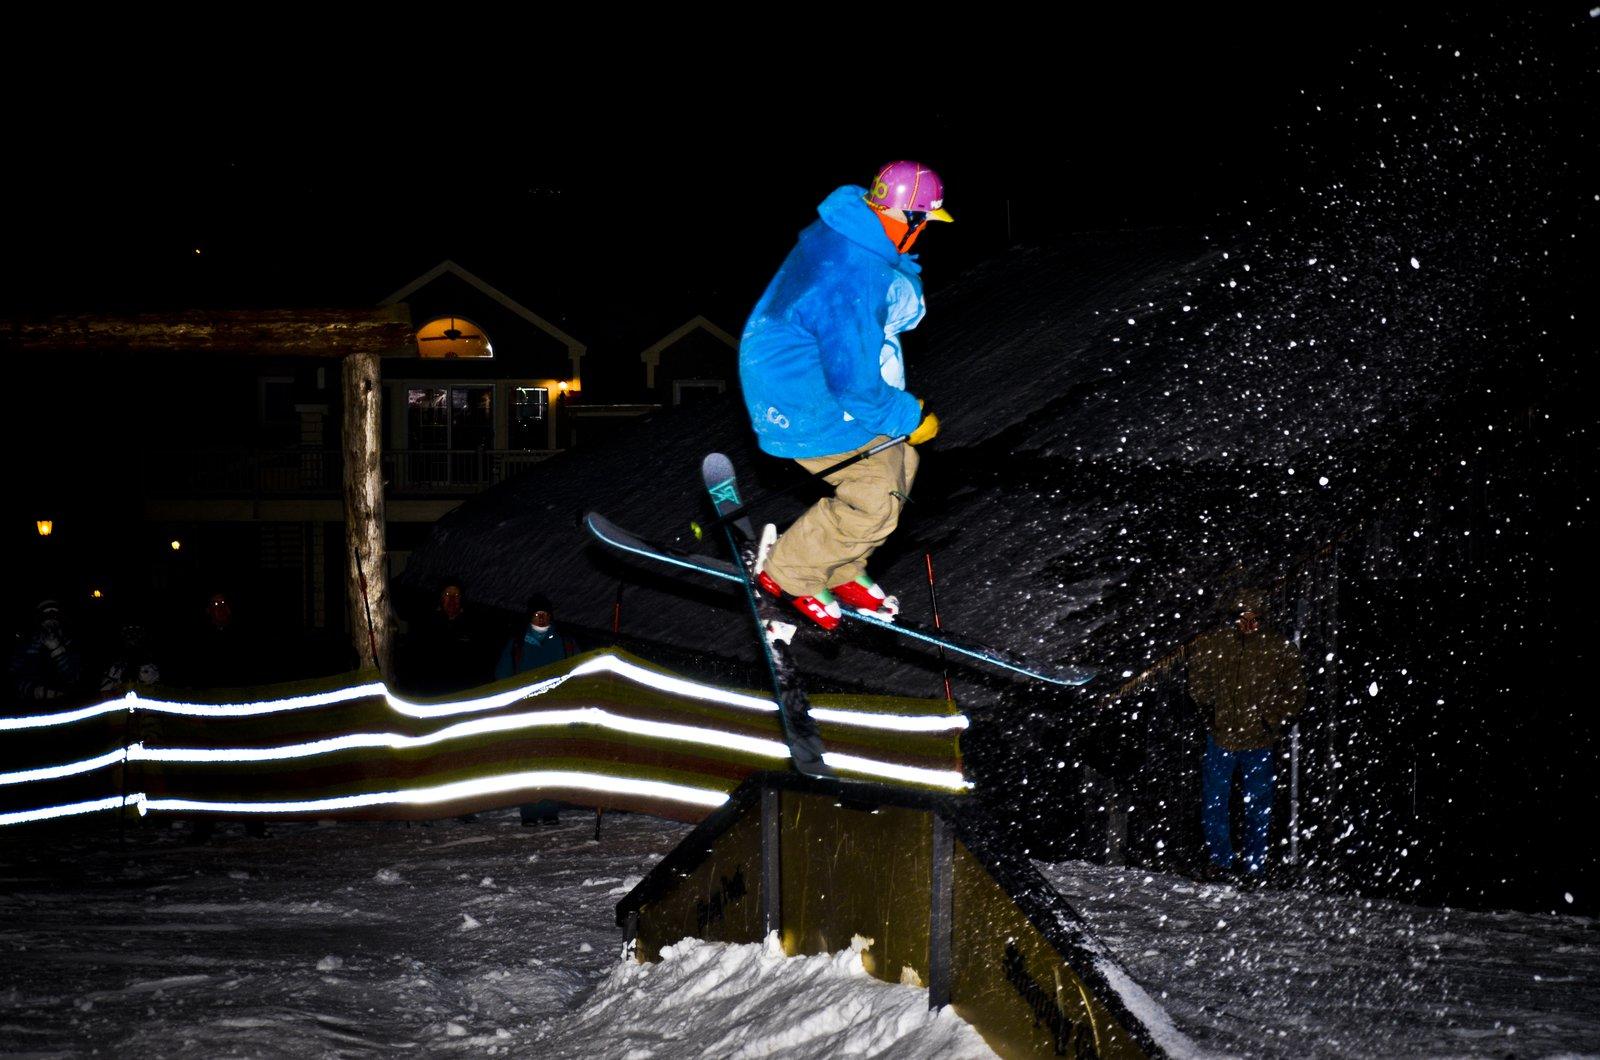 **Losing The Ski**